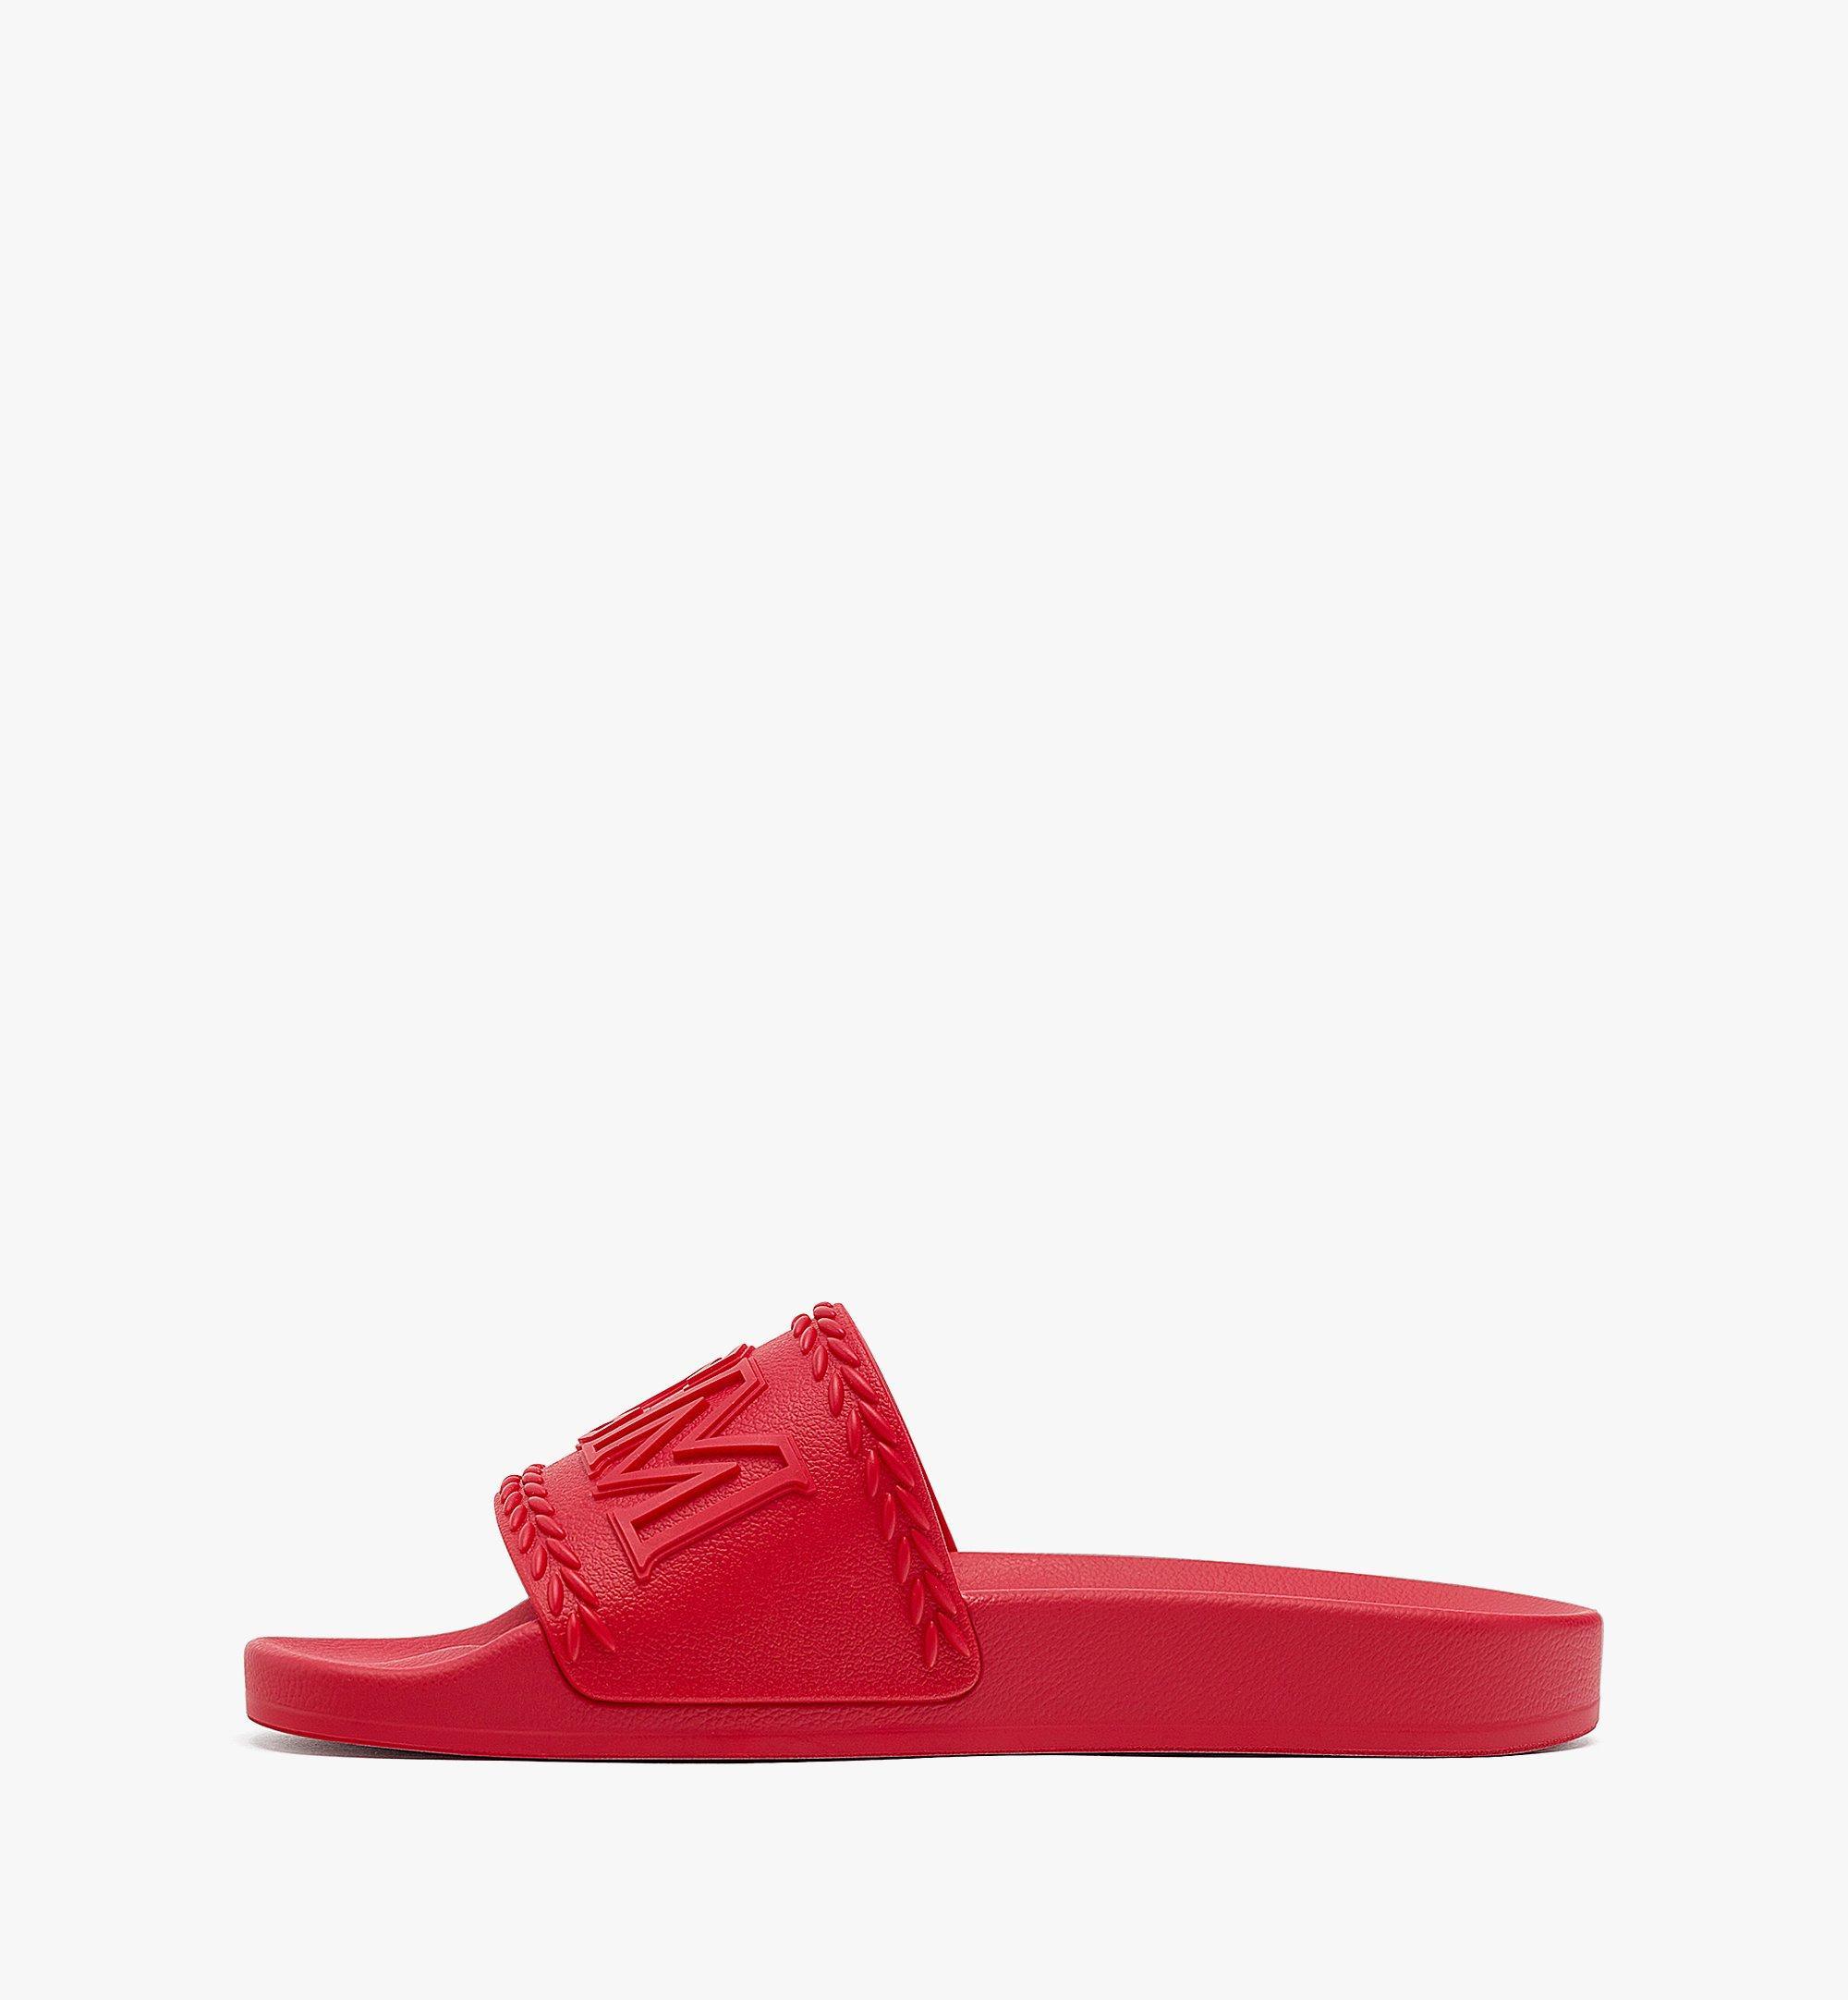 MCM 女士 Big Logo 橡膠拖鞋 Red MESBSMM15R0036 更多視圖 1